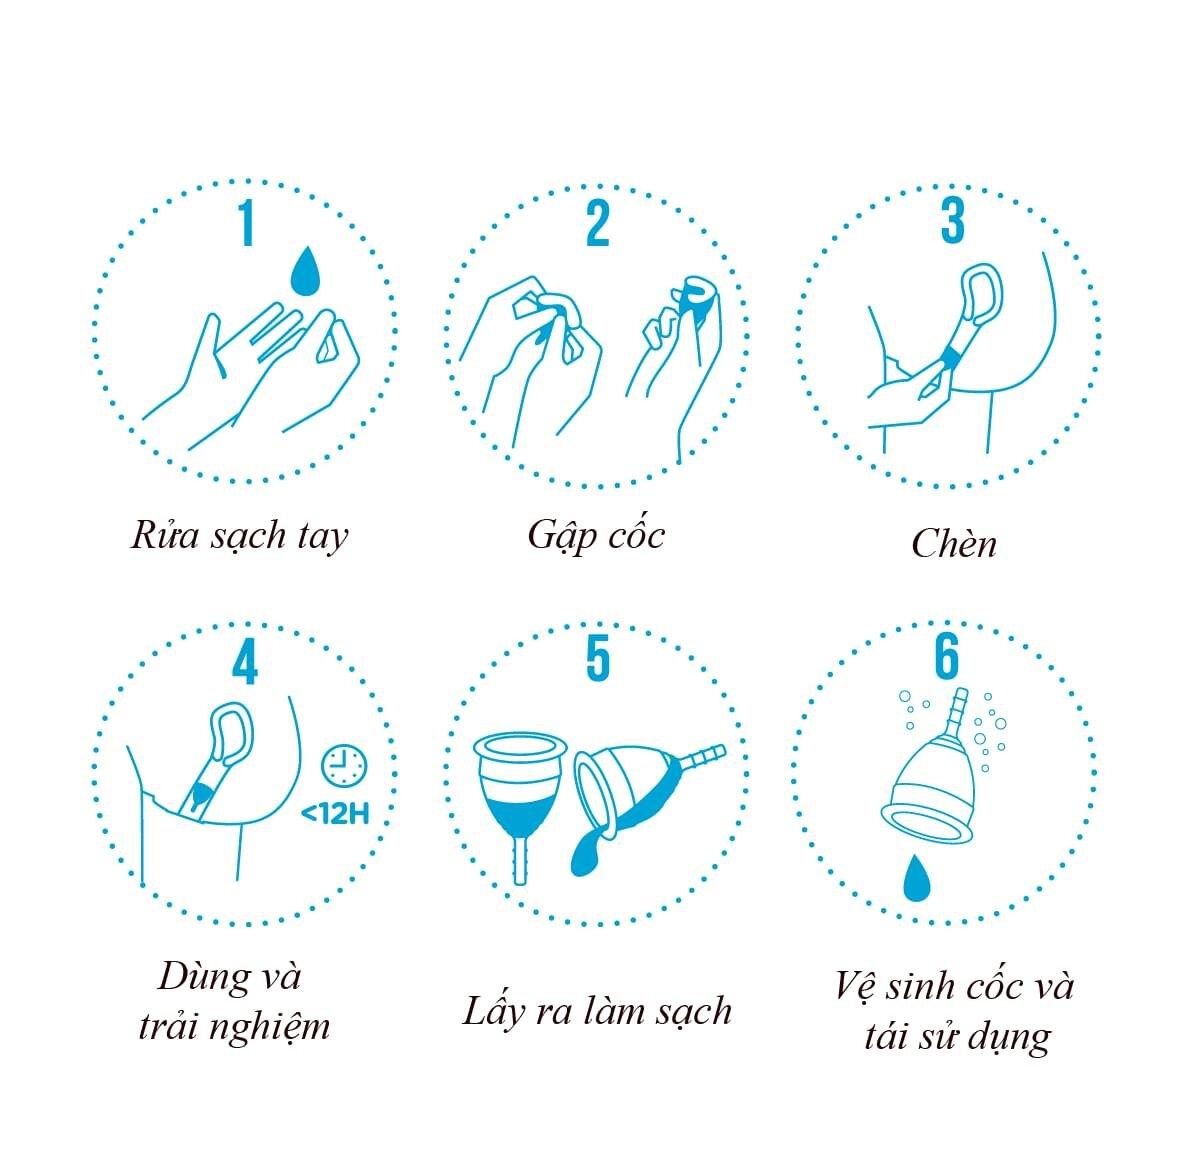 Chỉ cần một số thao tác đơn giản, bạn đã có thể sử dụng cốc nguyệt san Lincup an toàn trong những ngày đèn đỏ của mình